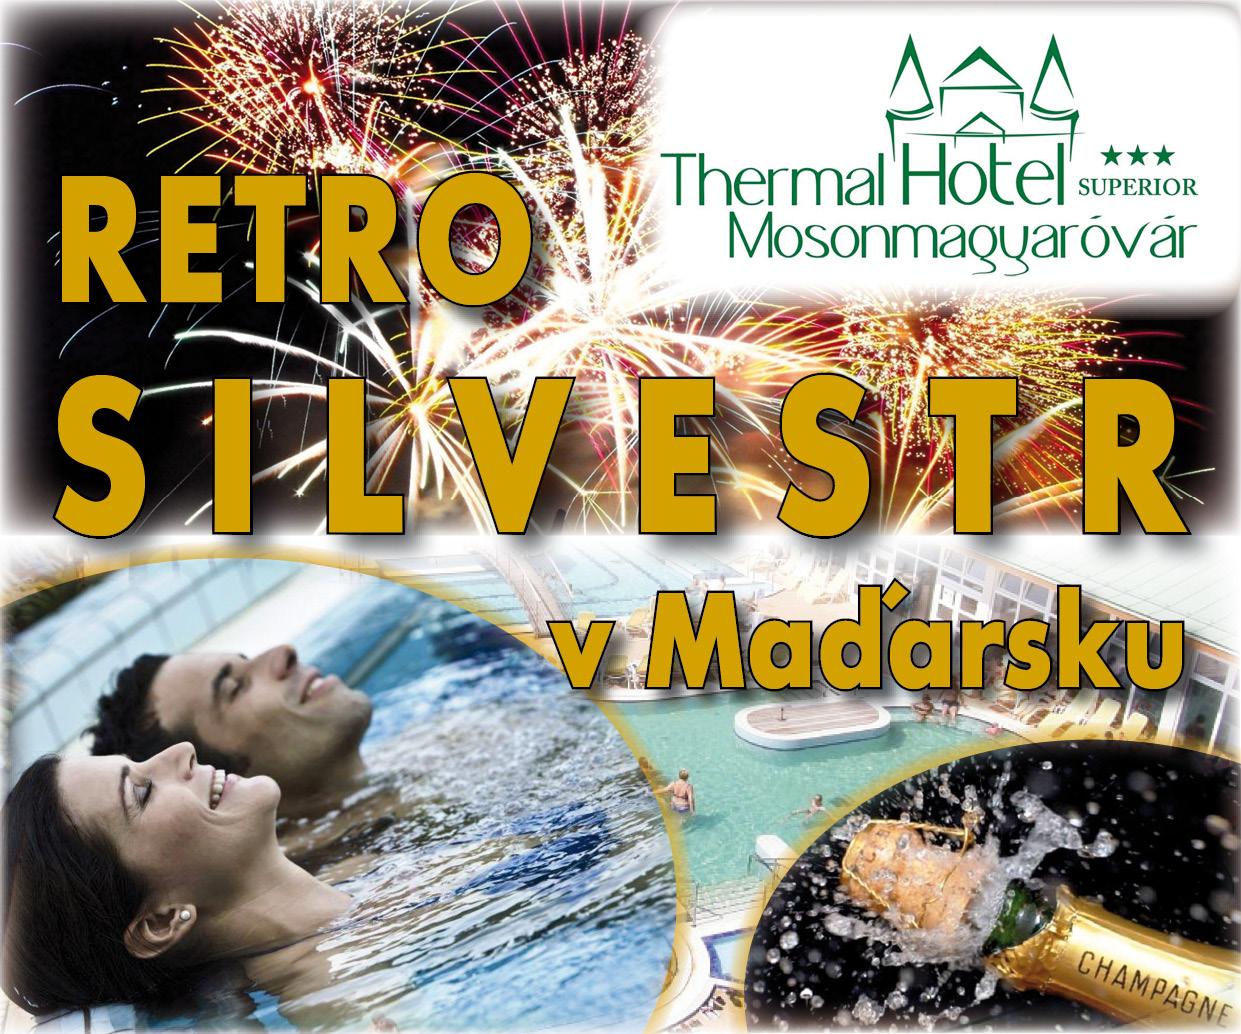 Wellness Silvestr v maďarských termálních lázních v hotelu Thermal *** Superior.